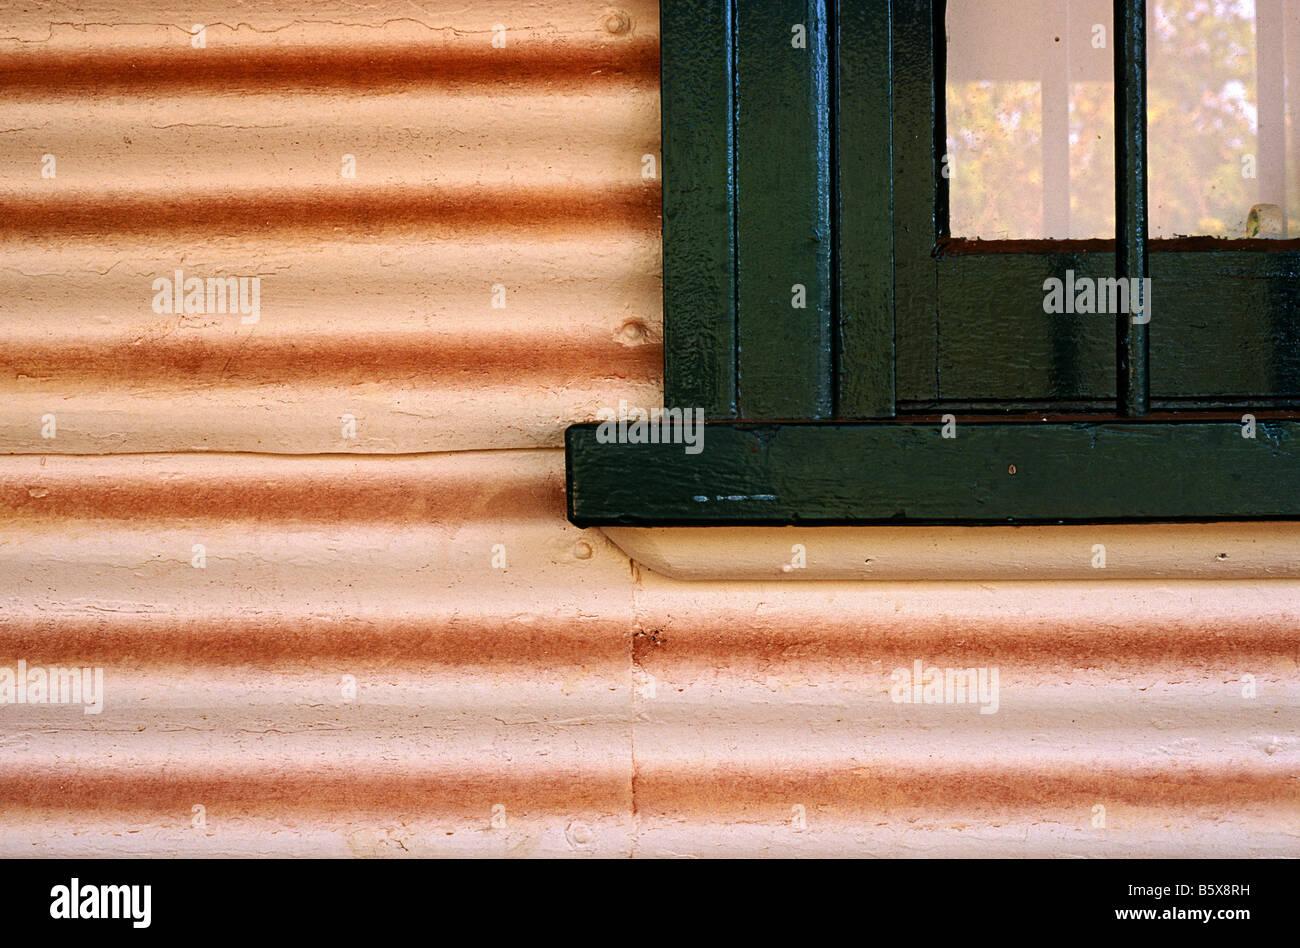 Wellblech, Australien Stockbild